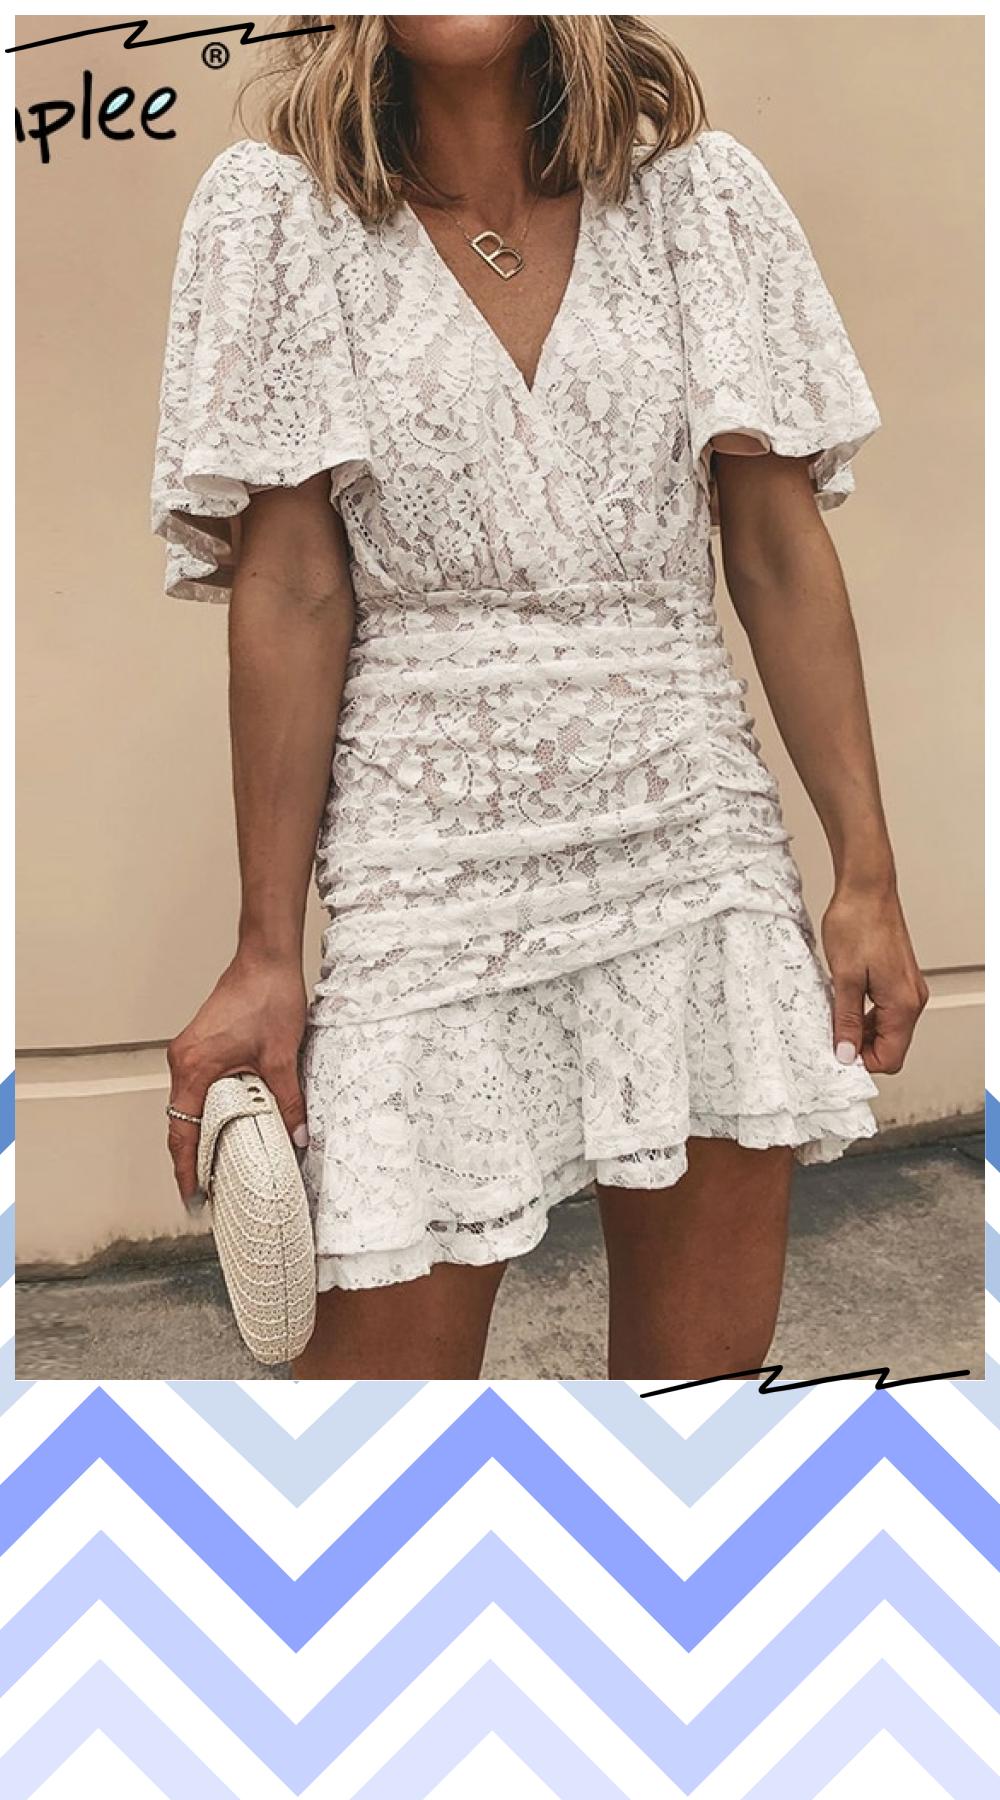 Pin On White Dresses Wedding Ideas Midi Maxi Mini [ 1800 x 1000 Pixel ]